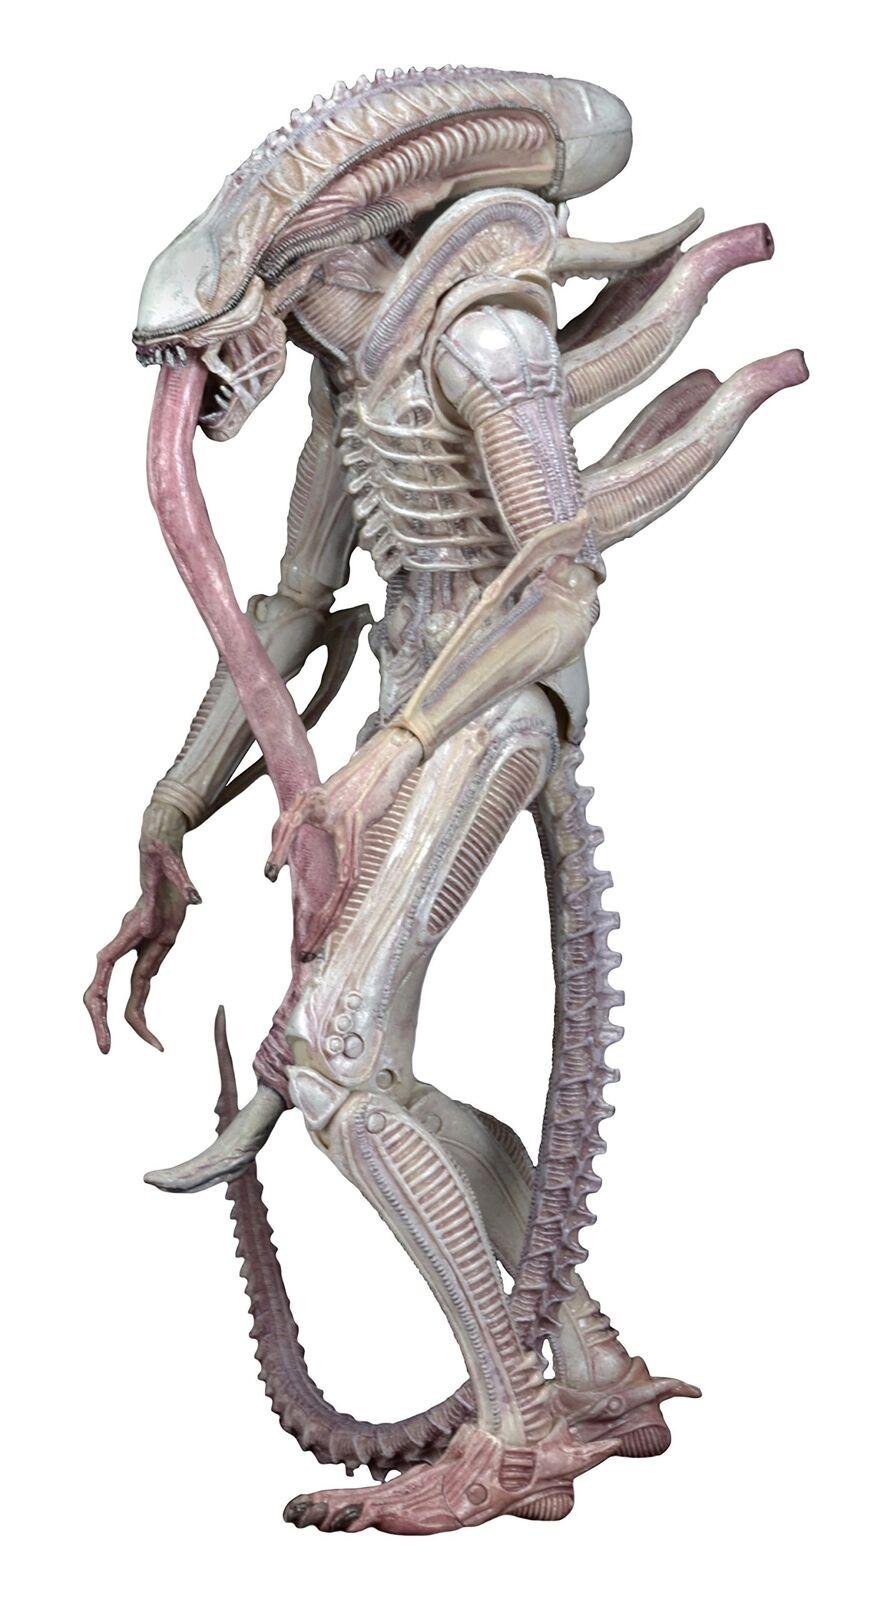 Concept Albino Alien (Aliens) NECA 7 Inch Series 9 Figure